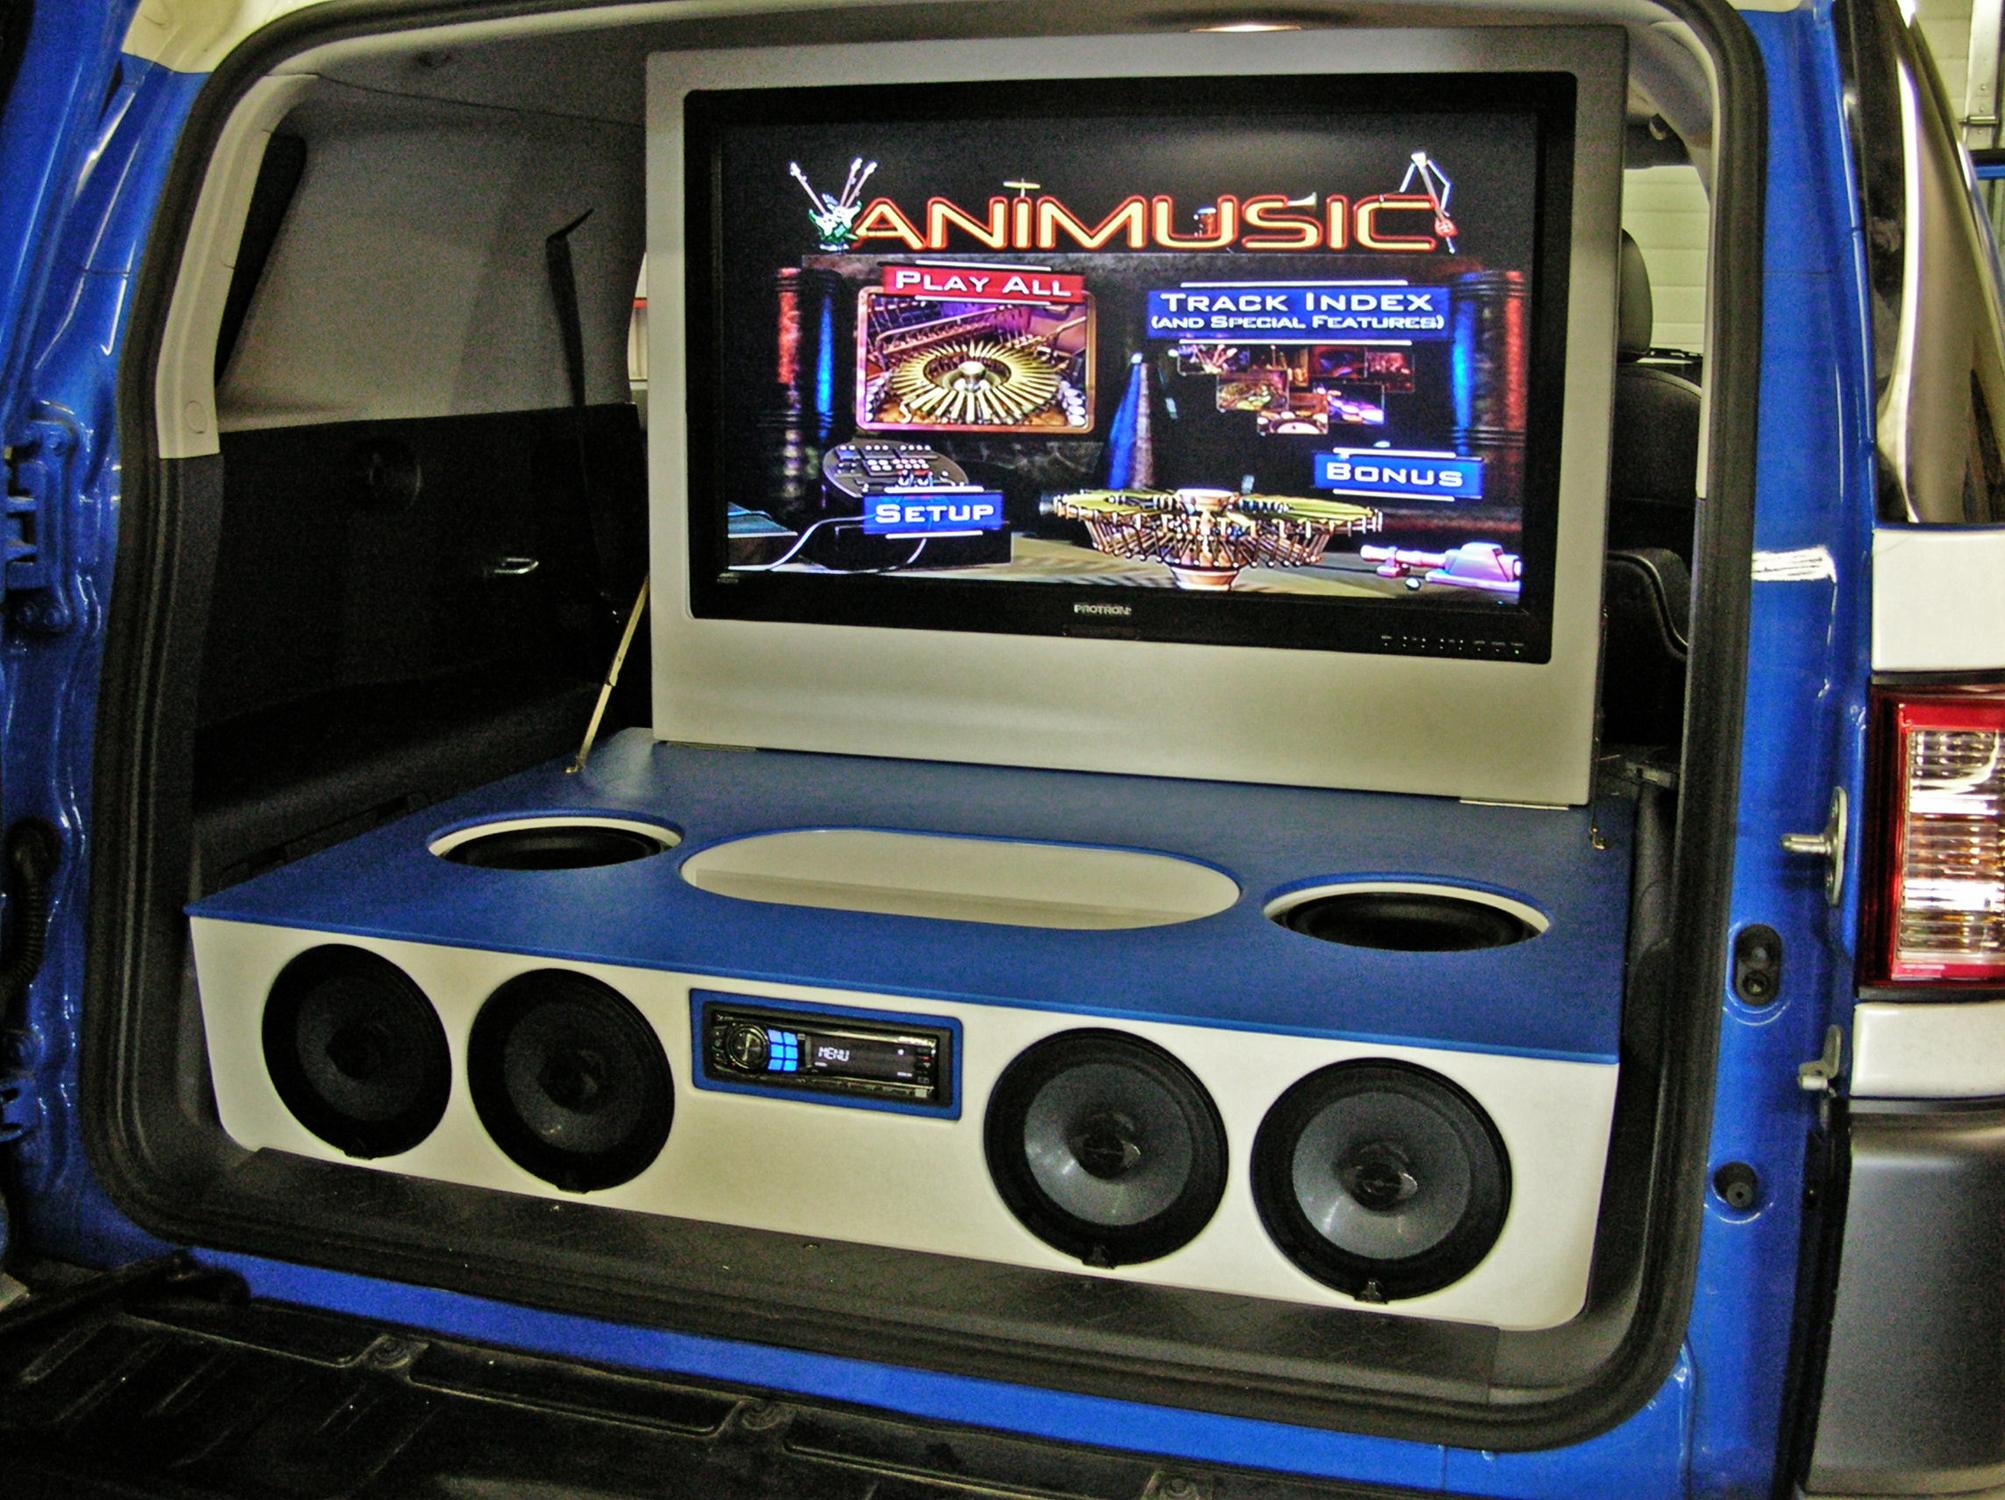 Toyota Fj Cruiser Santa Fe Auto Sound